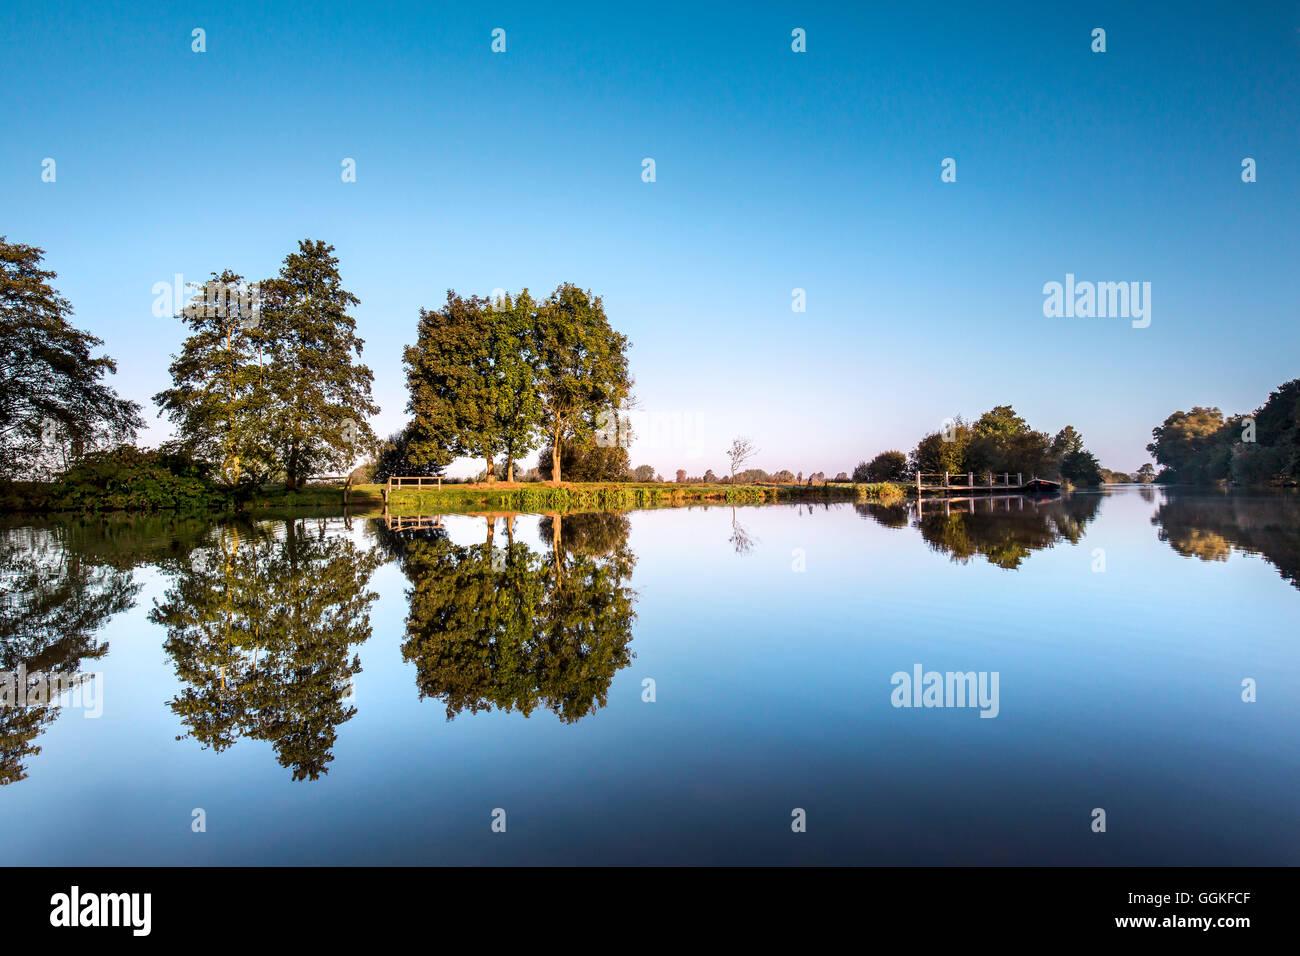 Reflejos de agua en el río Hamme, Worpswede, Teufelsmoor, Baja Sajonia, Alemania Imagen De Stock